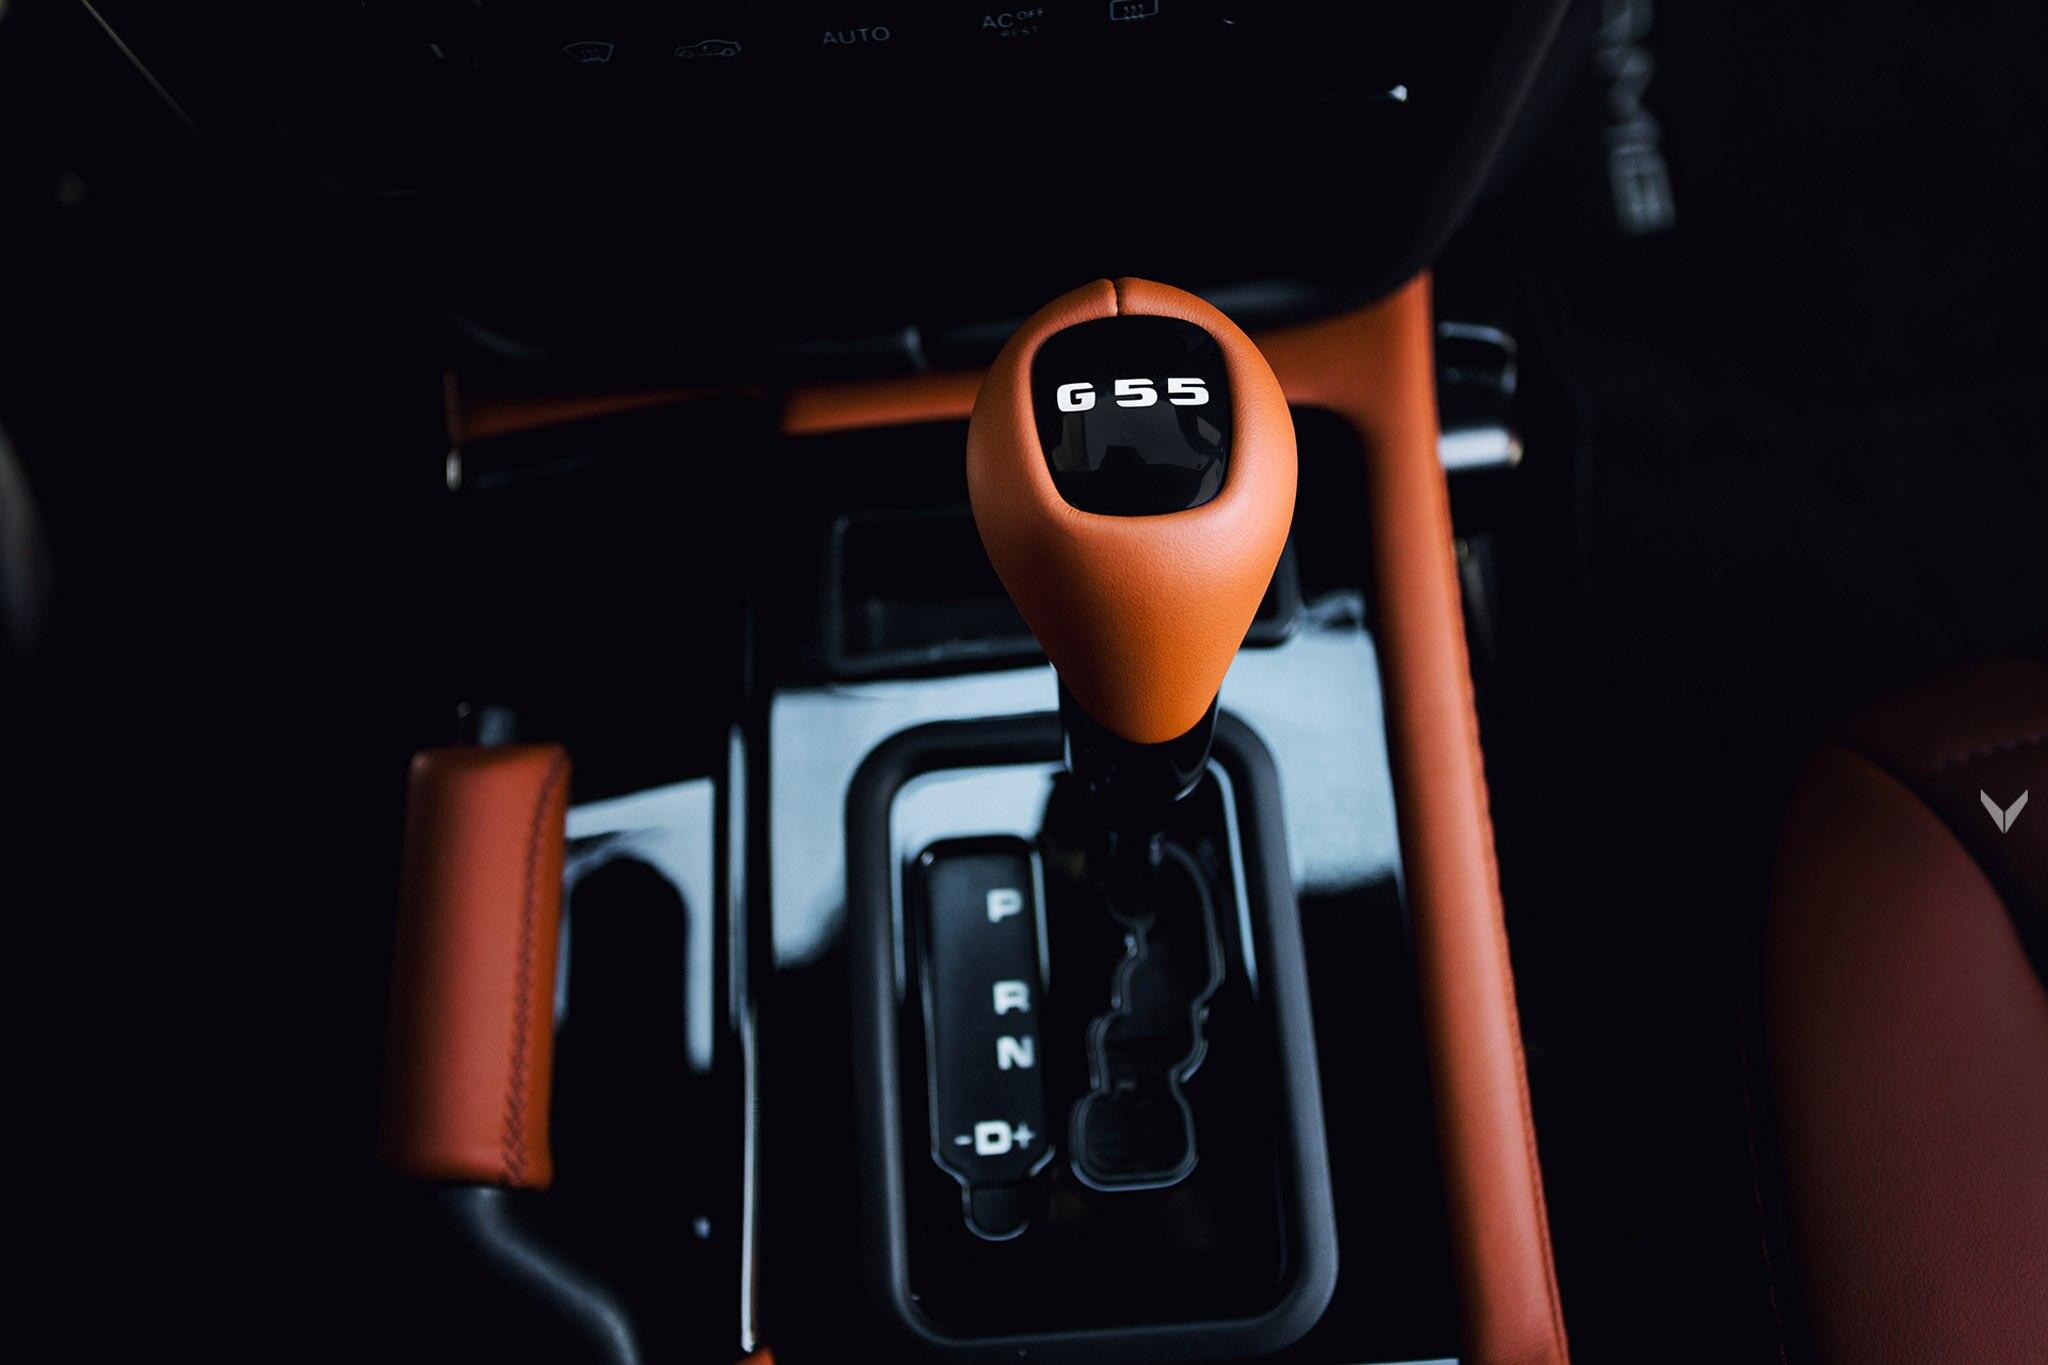 2005 Mercedes Benz G55 Amg Gets New Game By Vilner